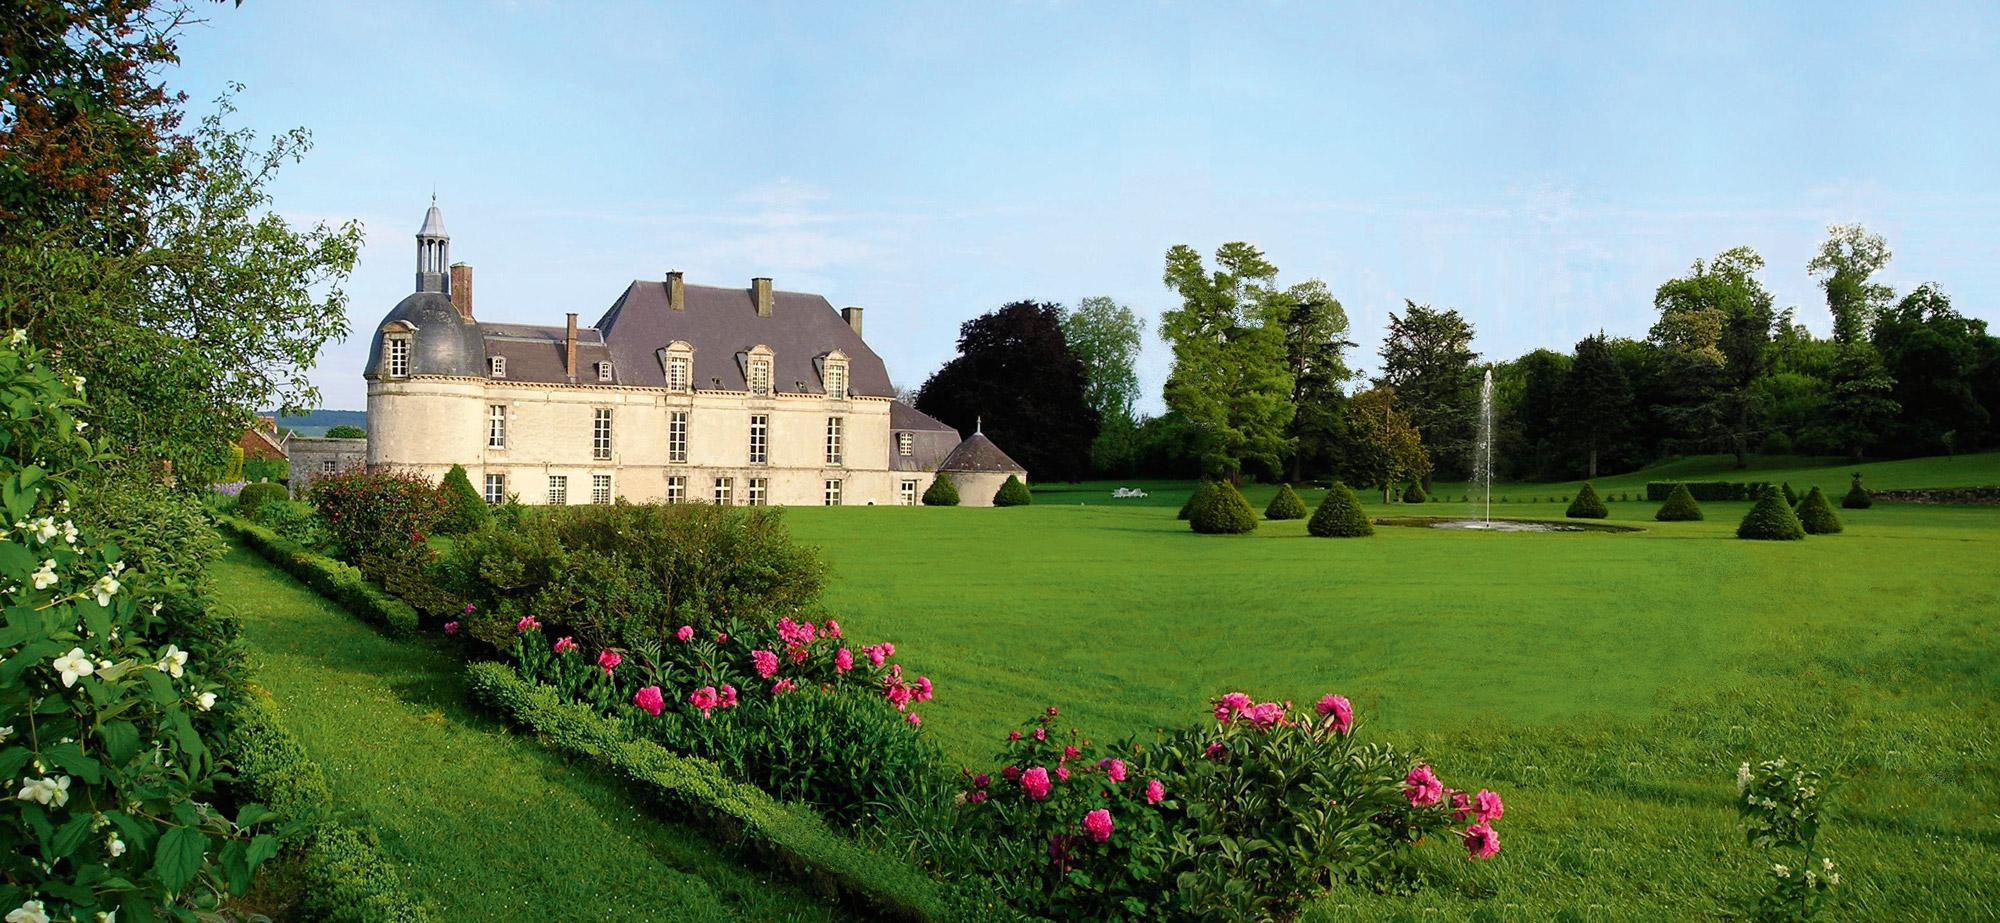 Vaste jardin fleuri et façade extérieure du Château d'Etoges près de Reims